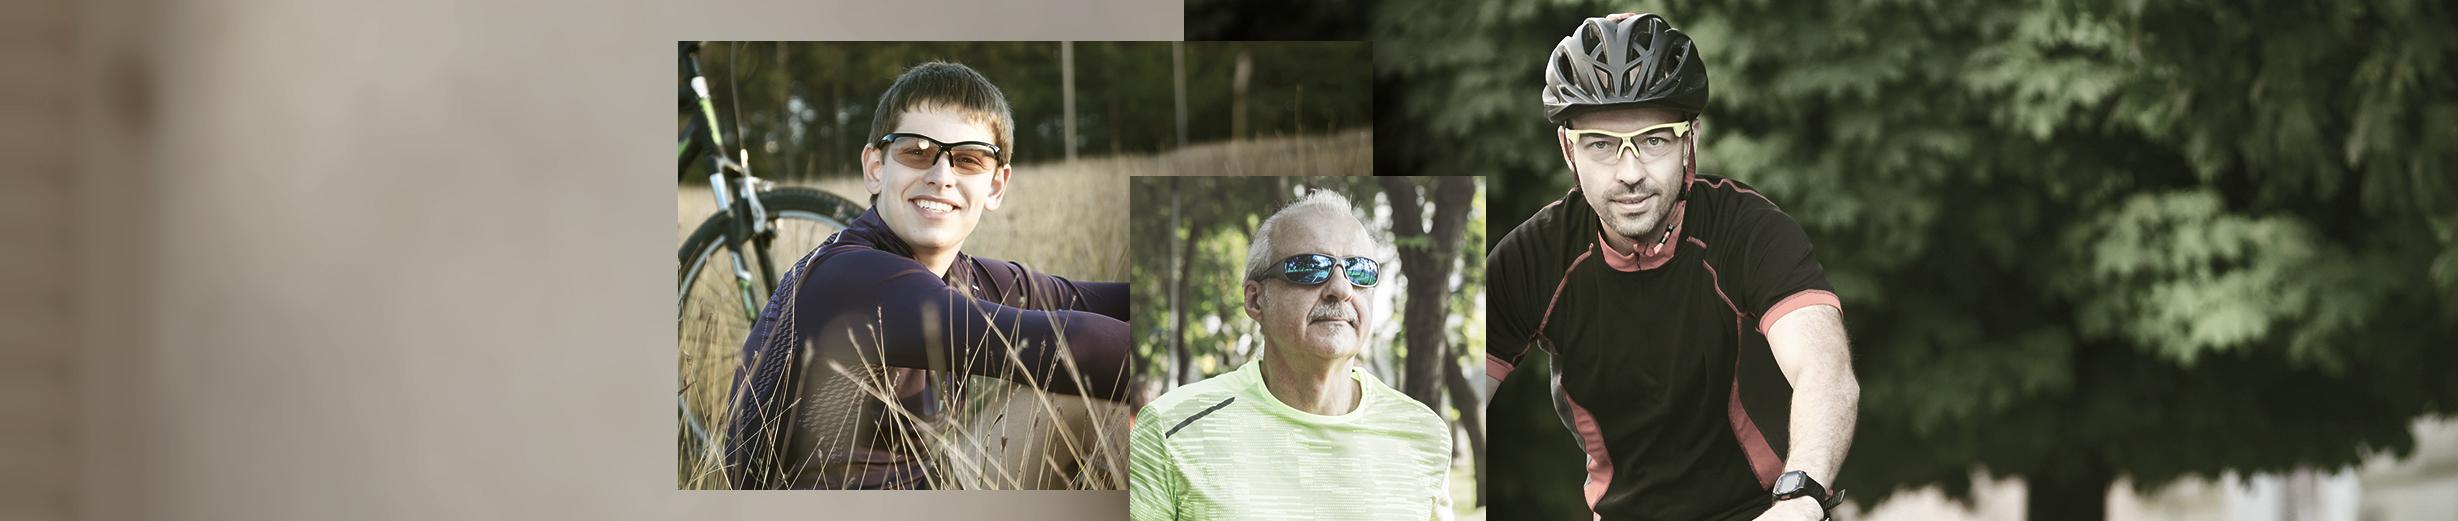 Glassesgallery - 男士運動眼鏡 Men sportsglasses banner